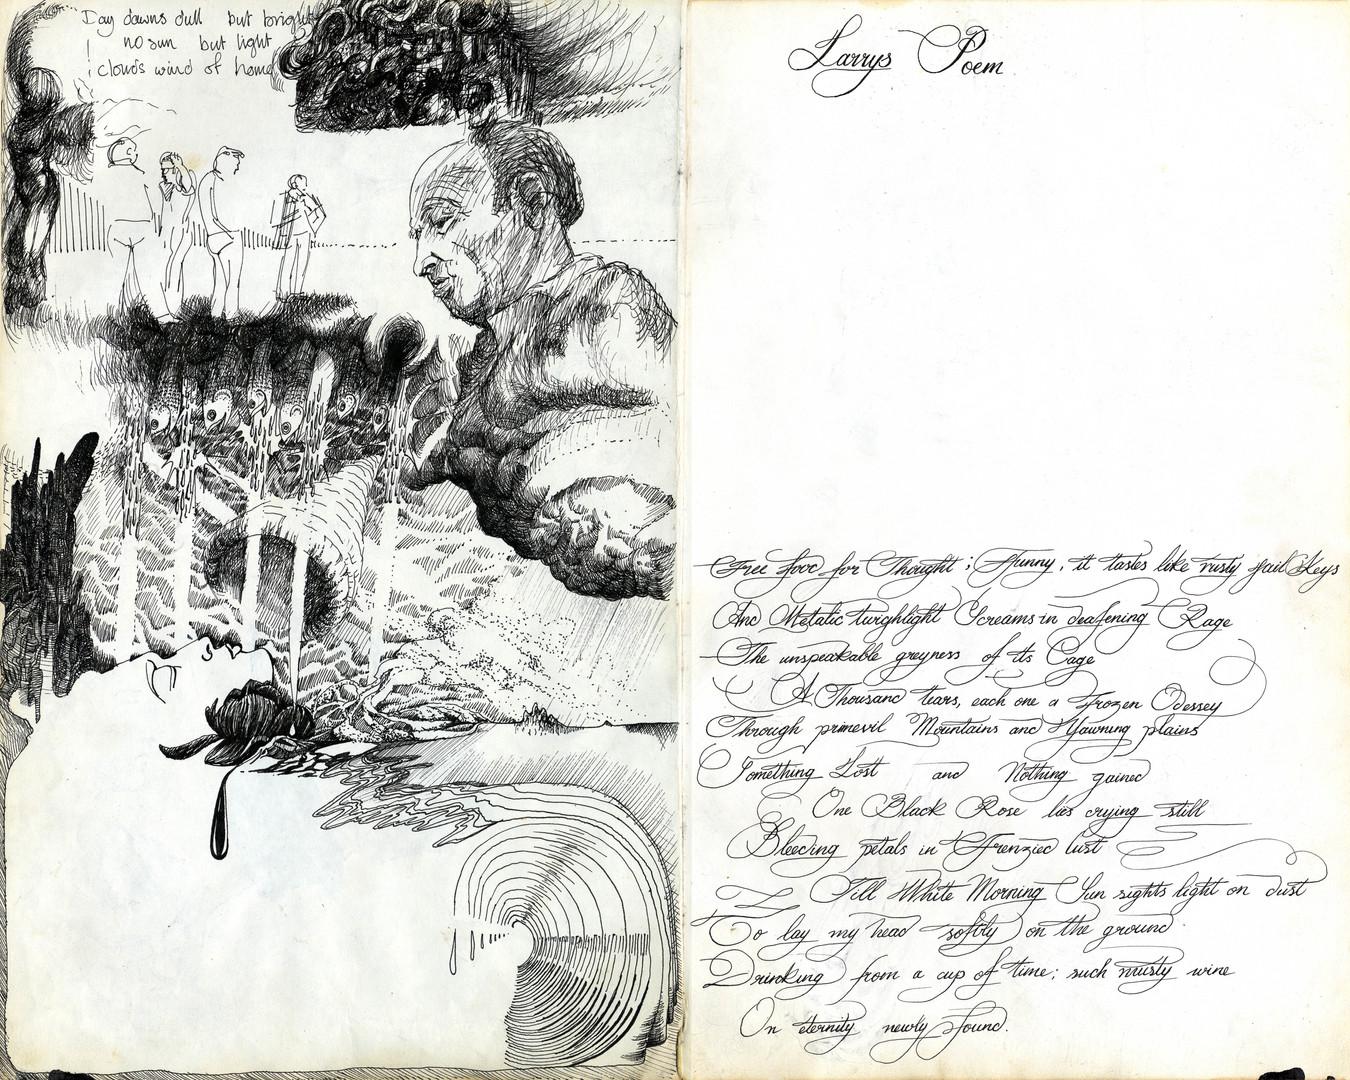 Larry's Poem